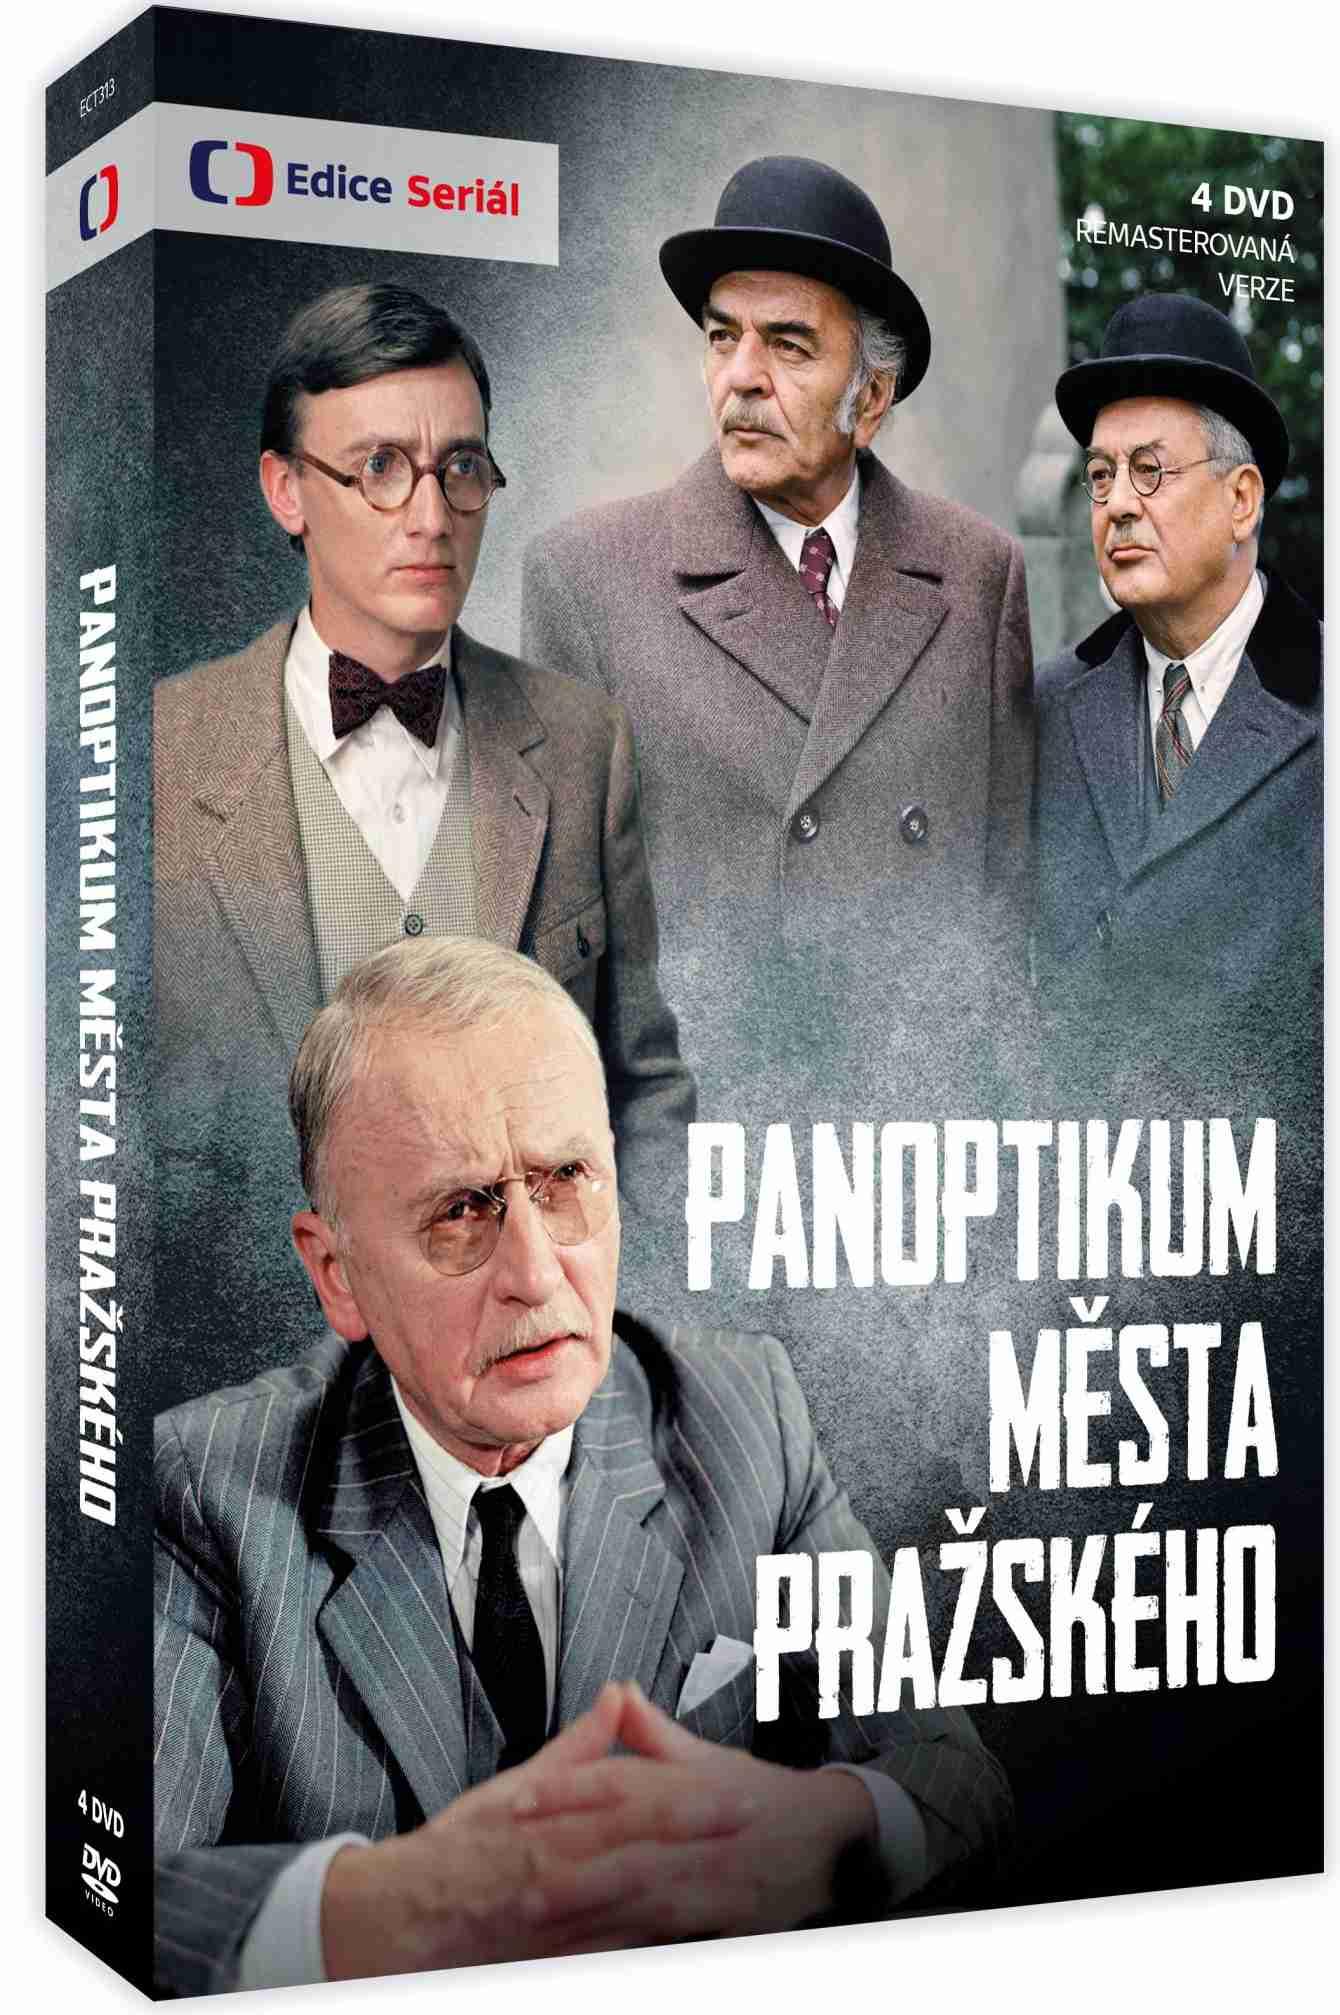 Panoptikum Města pražského (remasterovaná verze) - 4 DVD